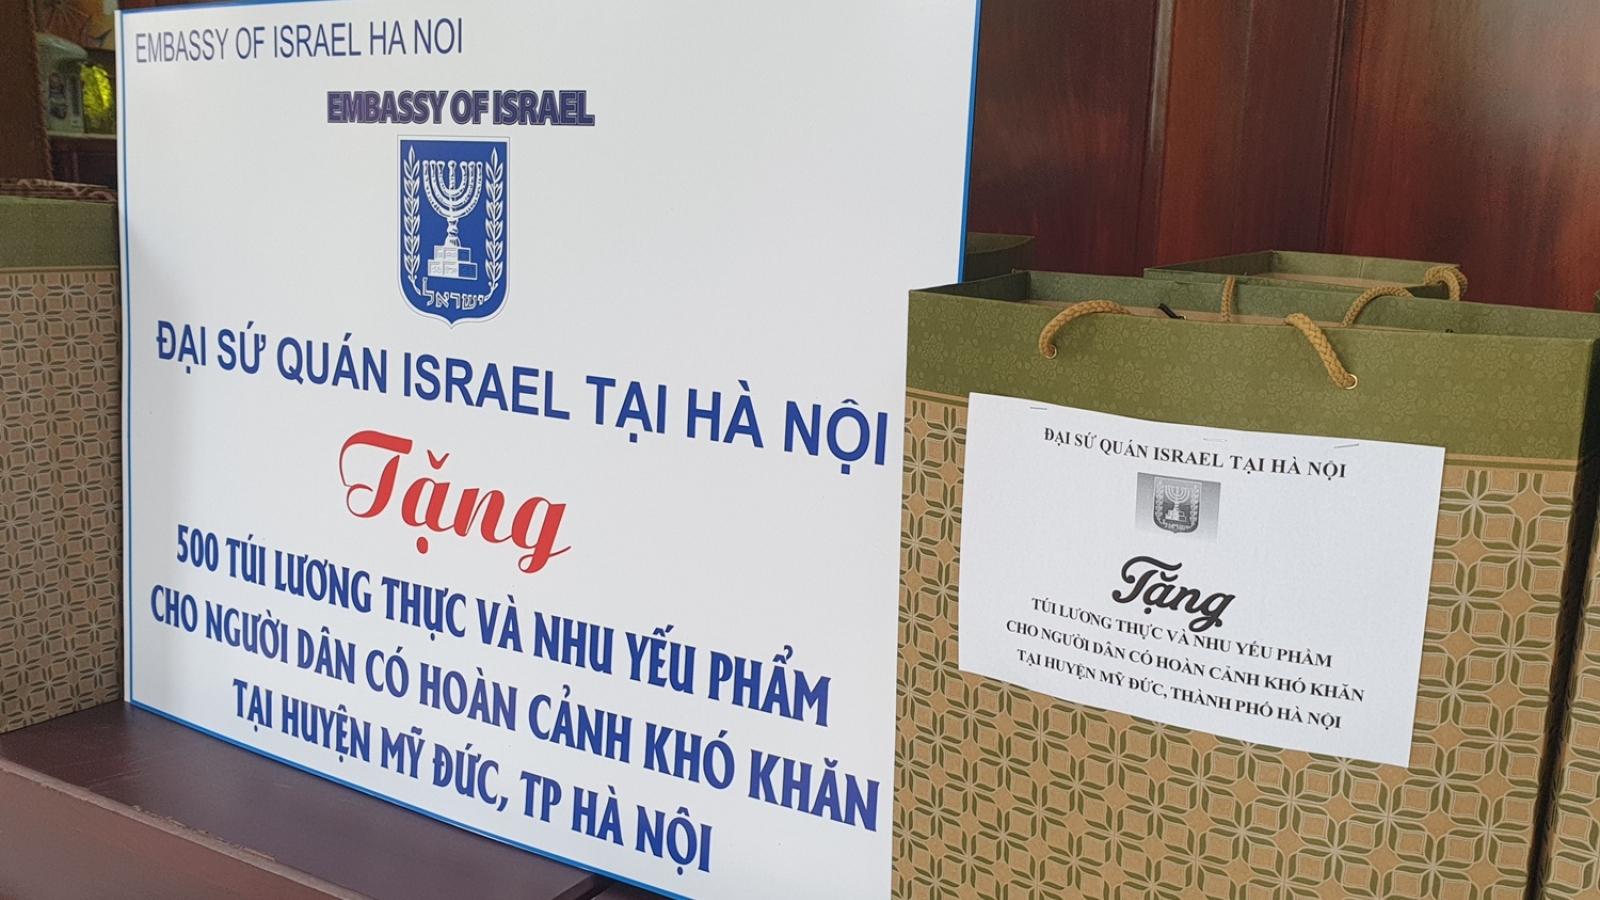 Đại sứ quán Israel tặng lương thực cho 500 gia đình khó khăn do Covid-19 ở Hà Nội